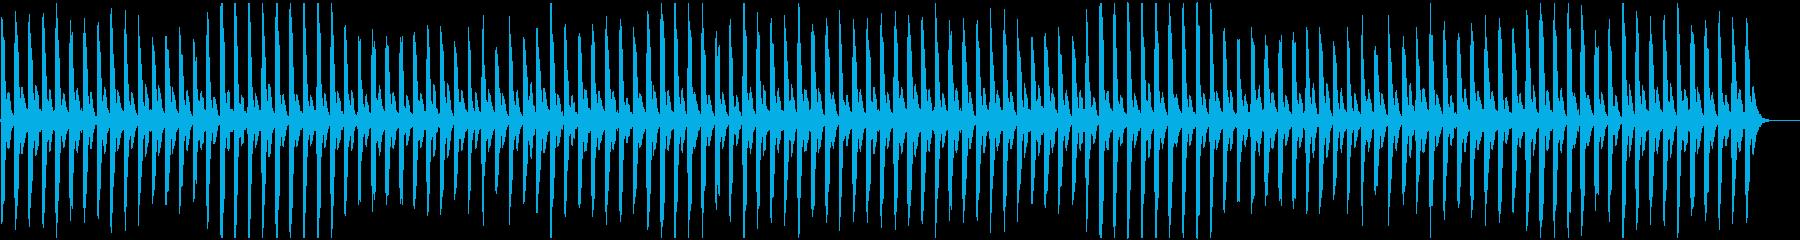 無機質な反復を繰り返すピアノです。の再生済みの波形